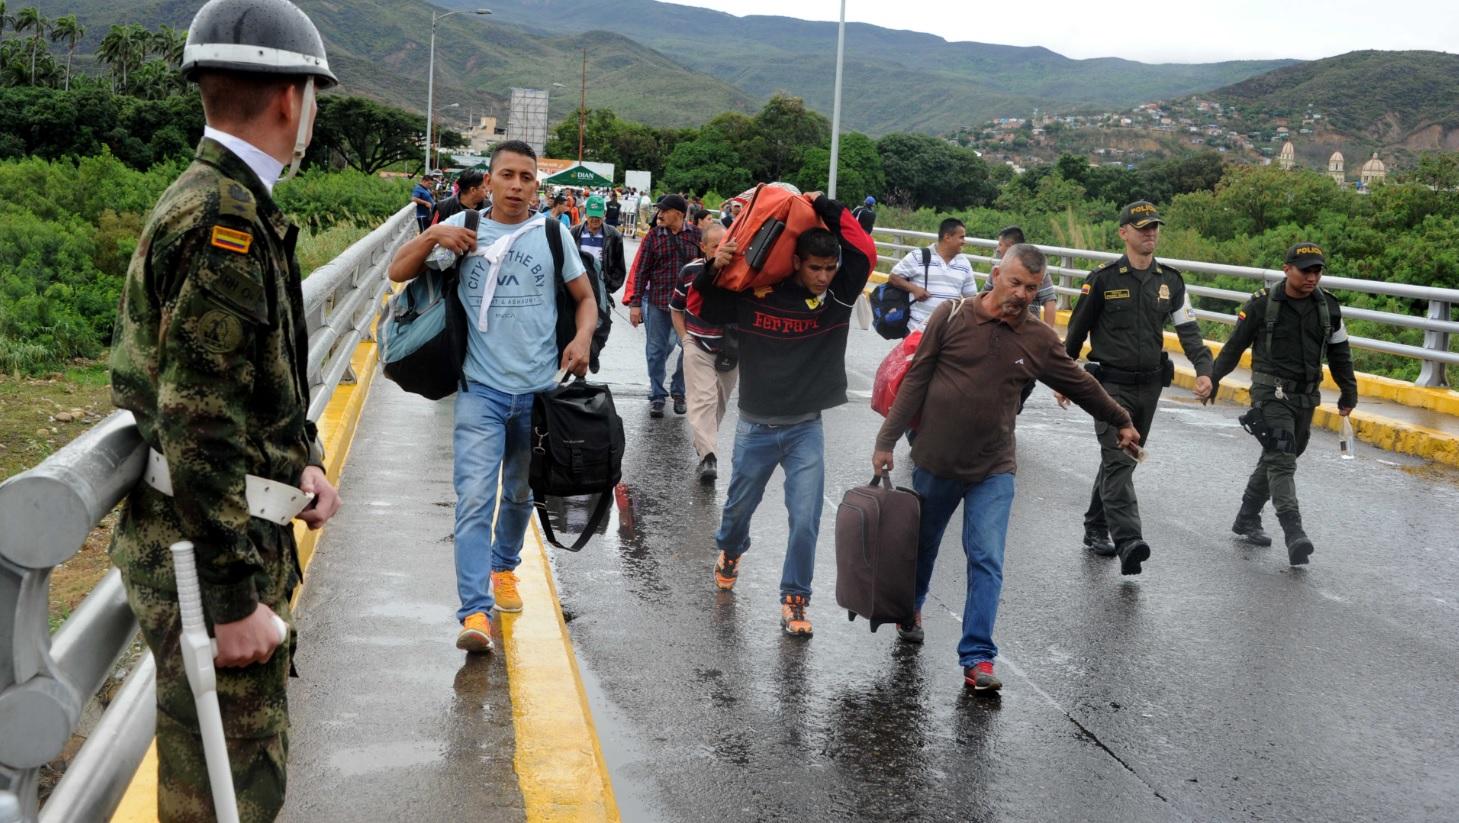 COLOMBIA REFUERZA CONTROLES EN SU FRONTERA CON VENEZUELA ANTE GRAN OLEADA DE INMIGRACIÓN